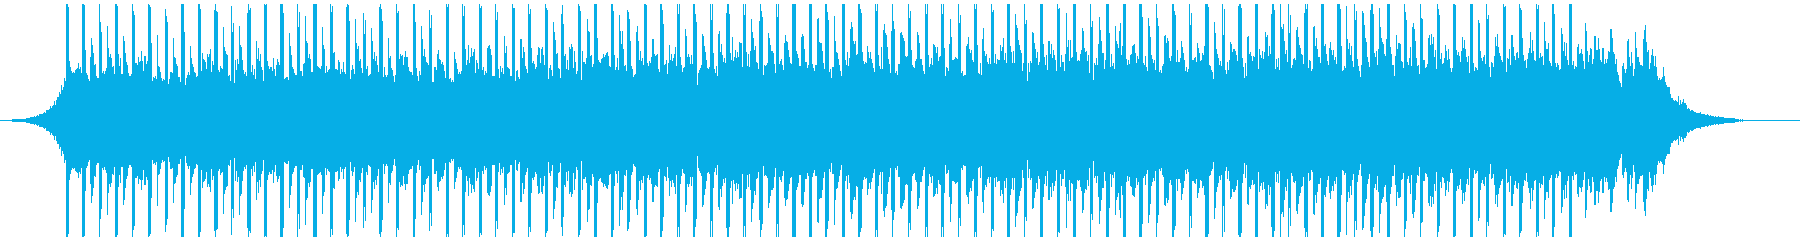 モダンコーポレート(60秒)の再生済みの波形